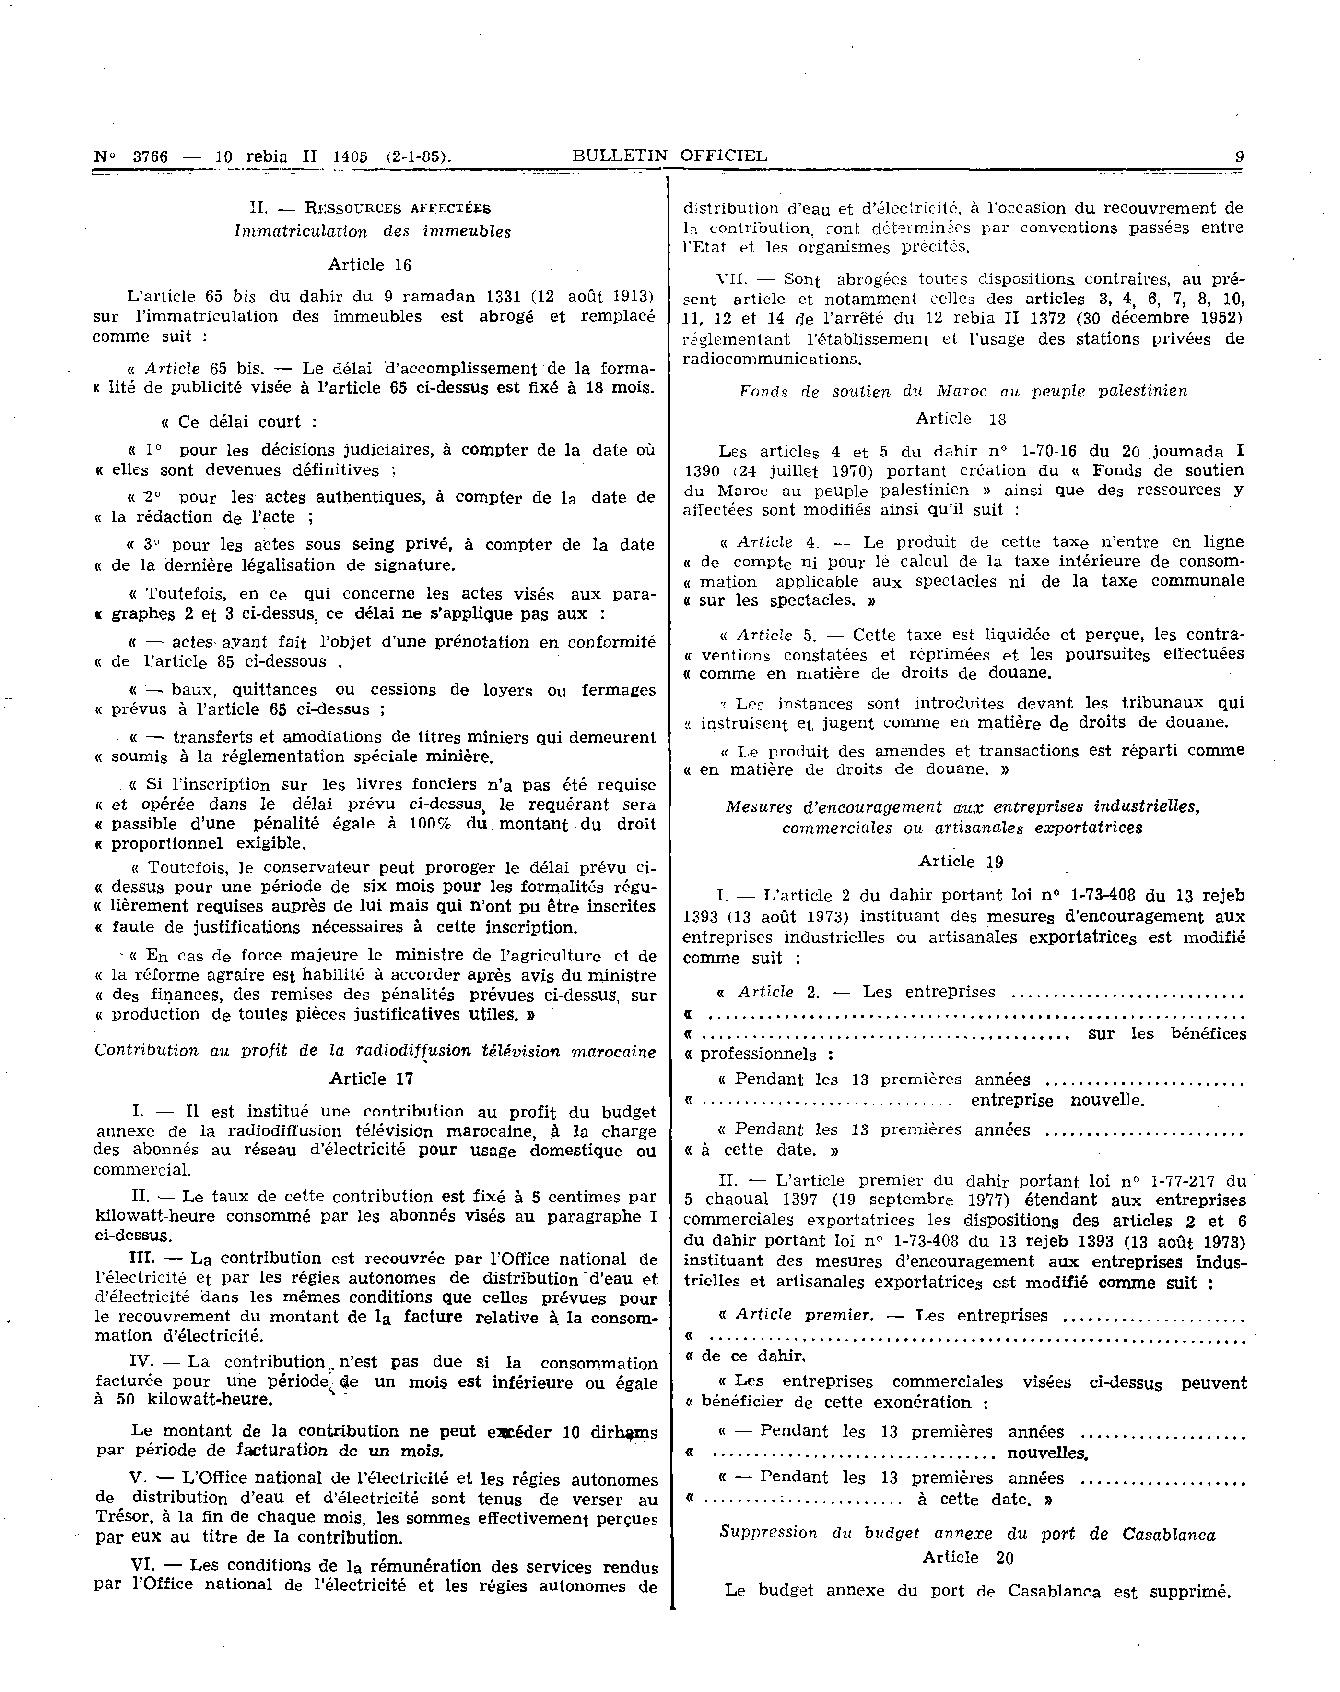 les-prix-maxima-des-acte-et-service-medicaux-dans-le-secteur-prive-009